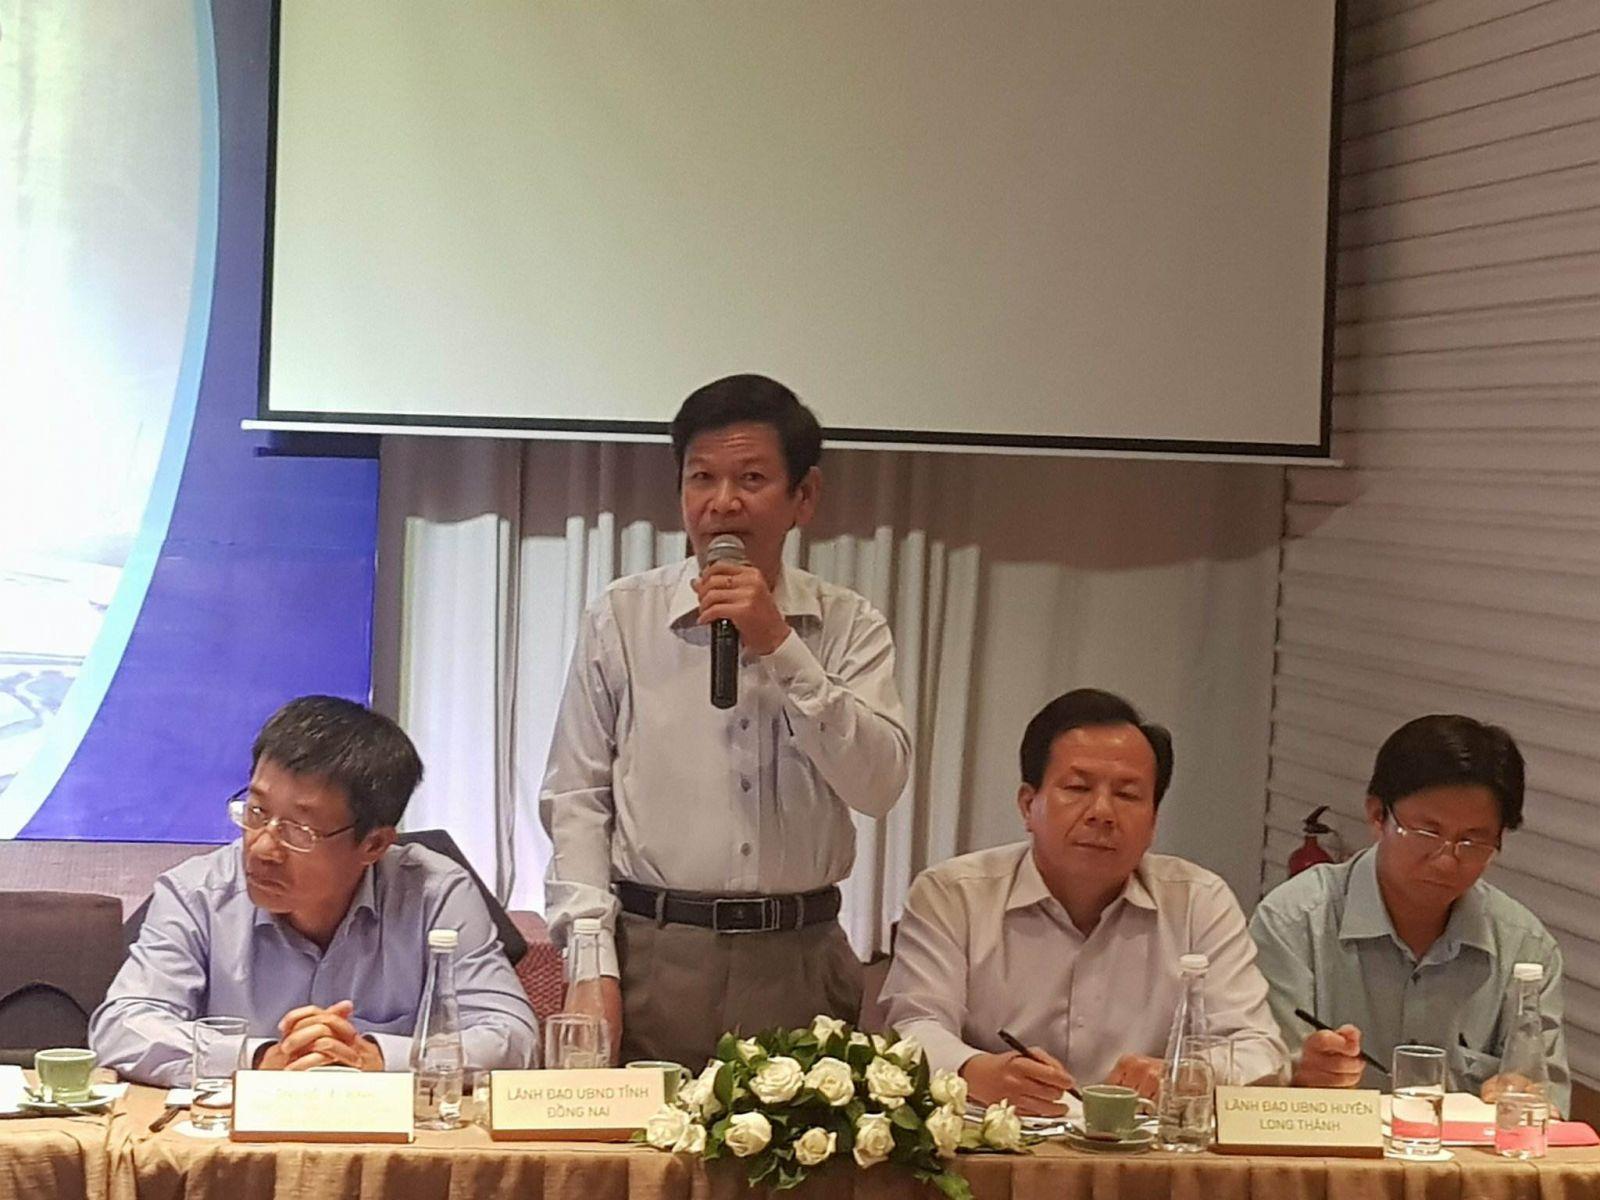 Ông Nguyễn Ngọc Hưng phó Giám đốc sở Tài Nguyên và Môi trường tỉnh Đồng Nai